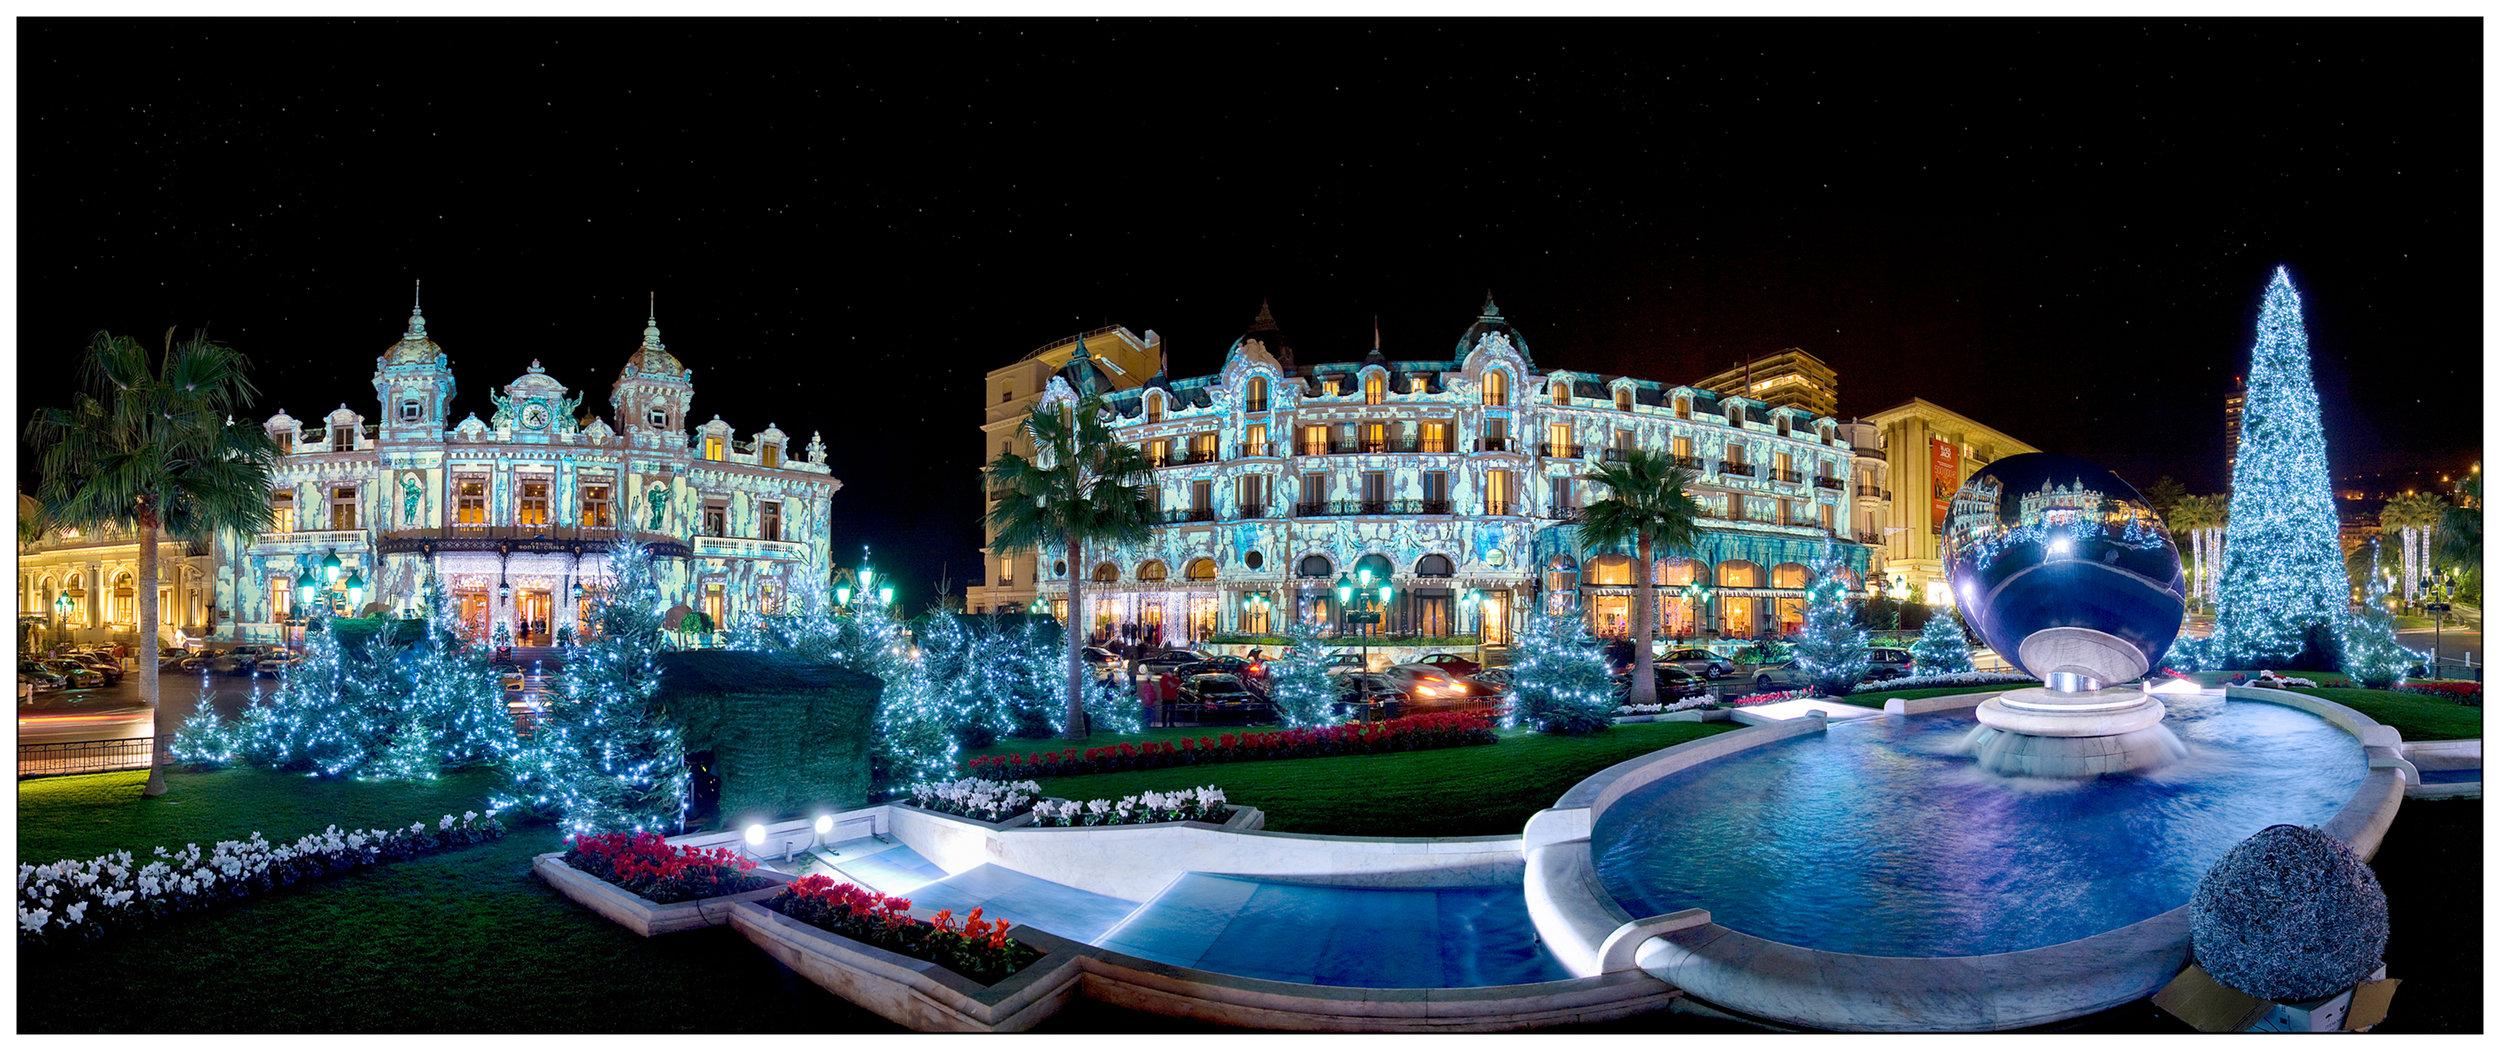 pano_place_casino.jpg